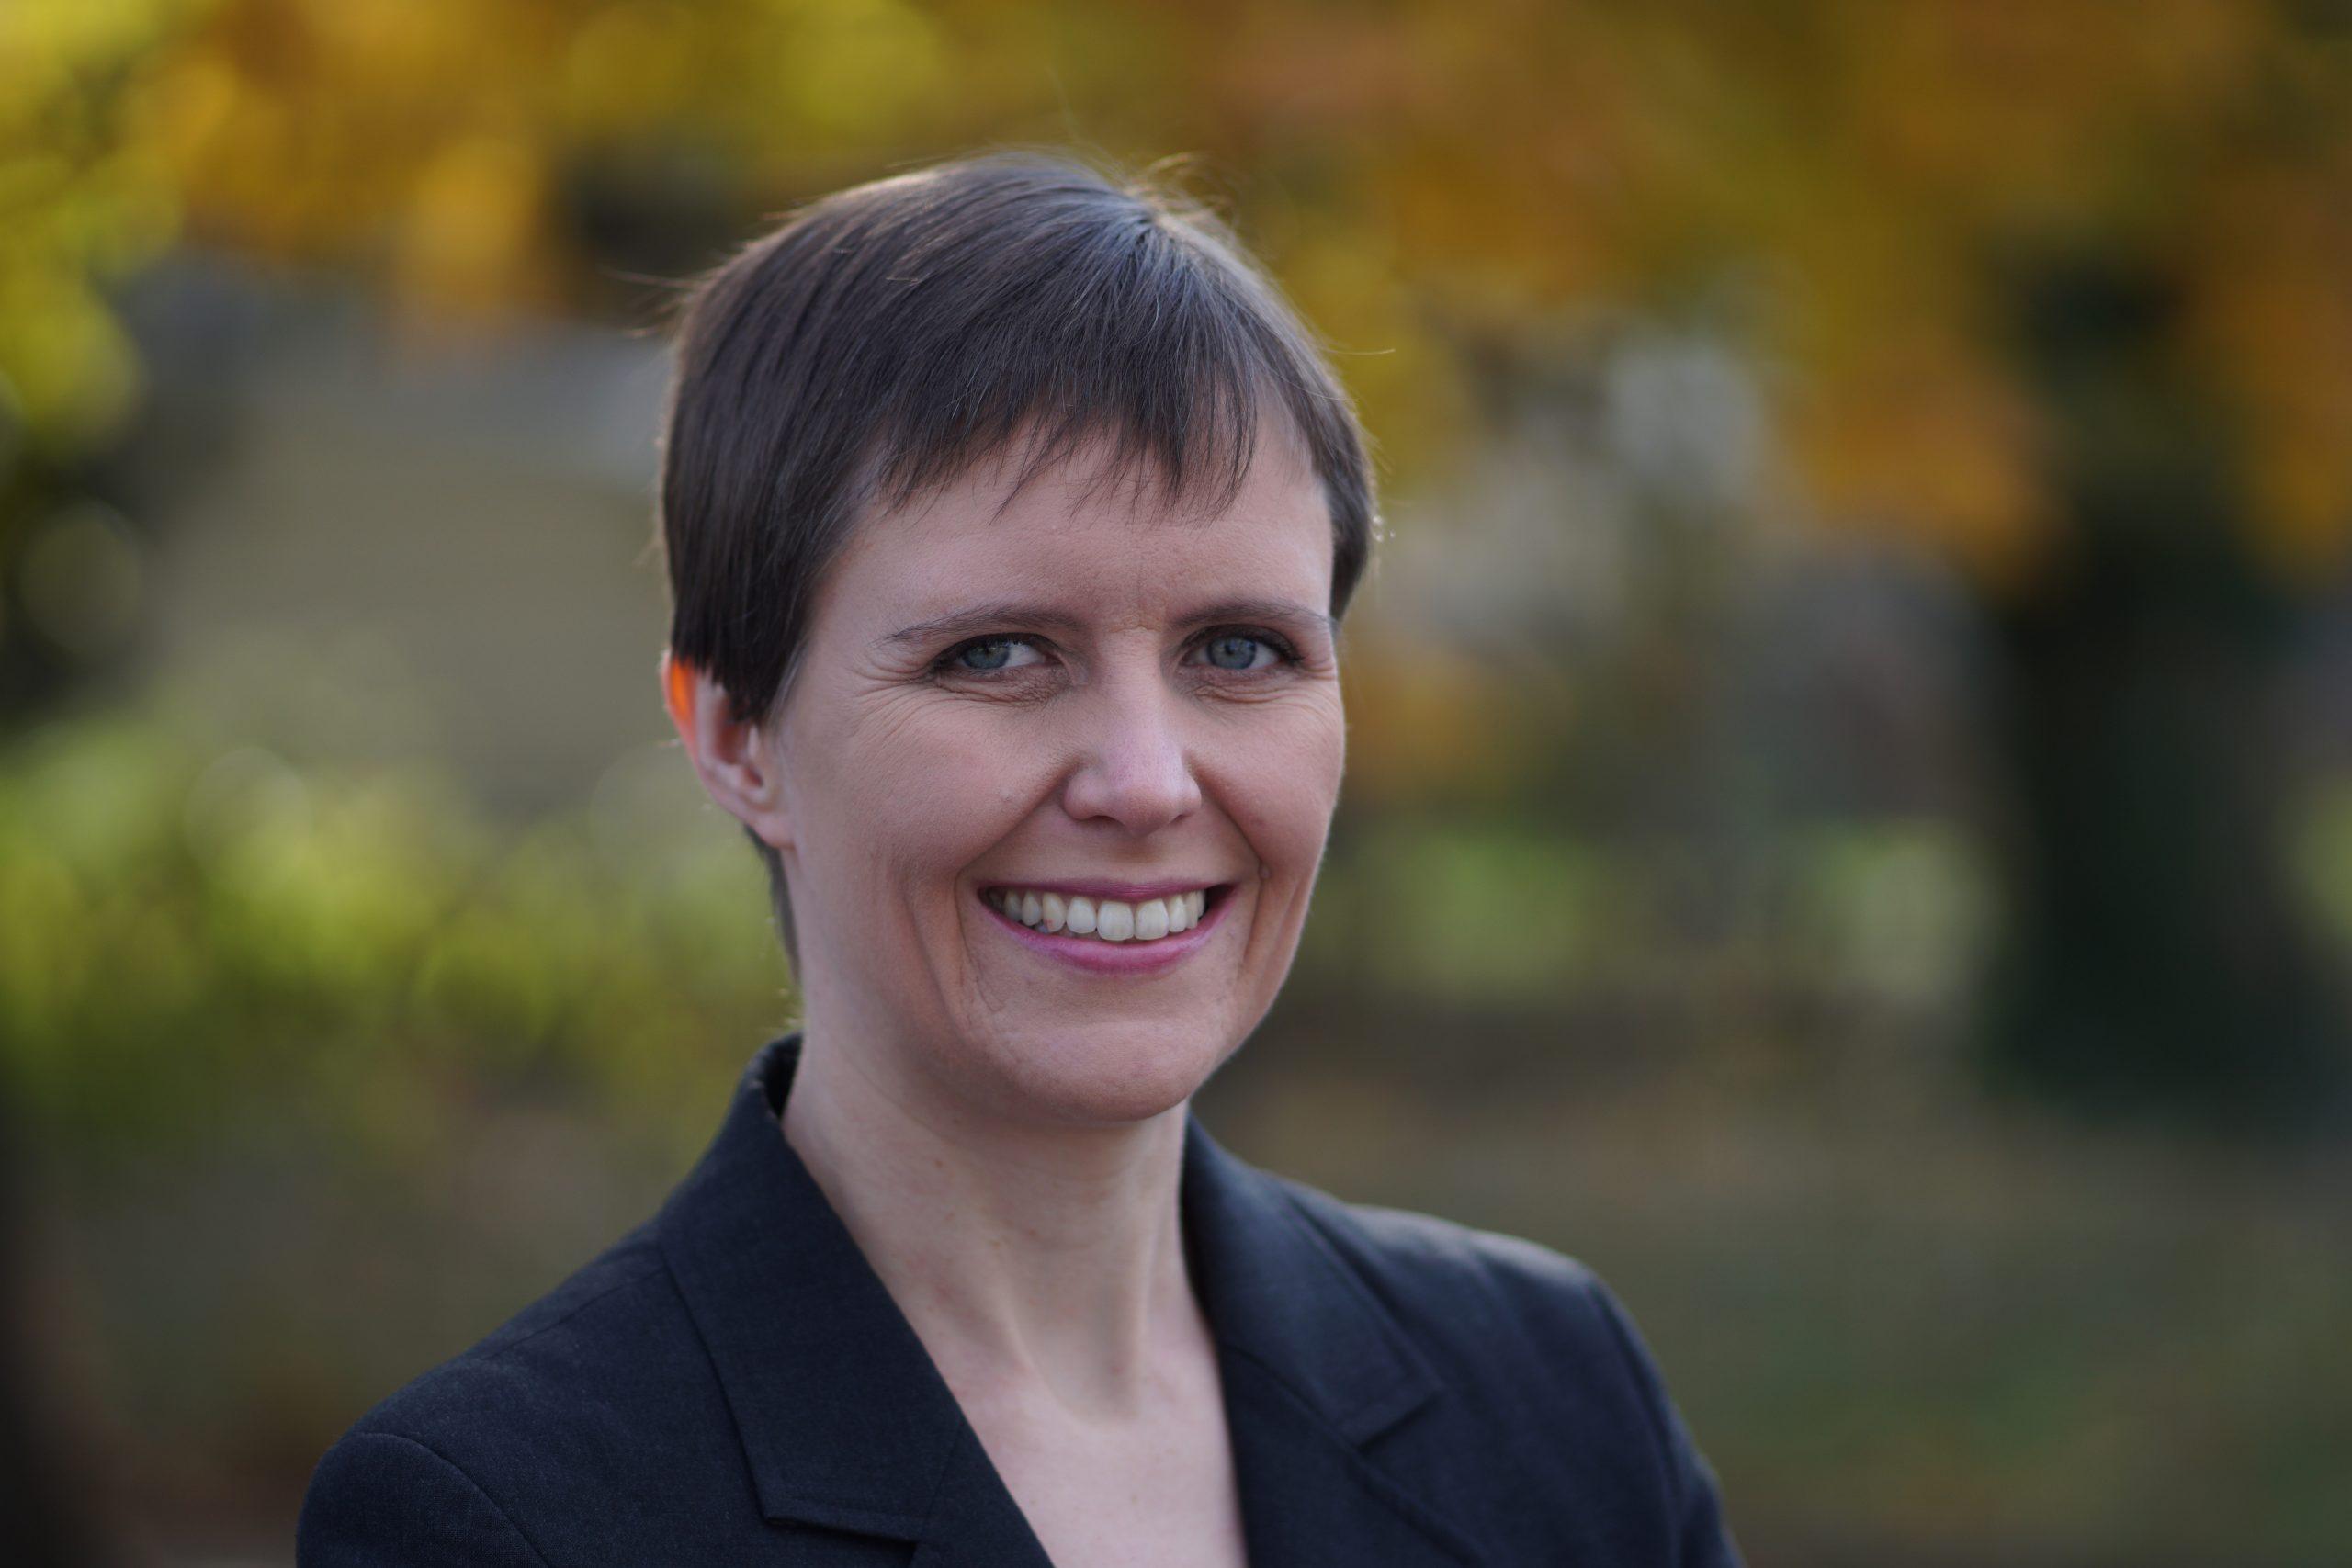 WV-02 - Cathy Kunkel